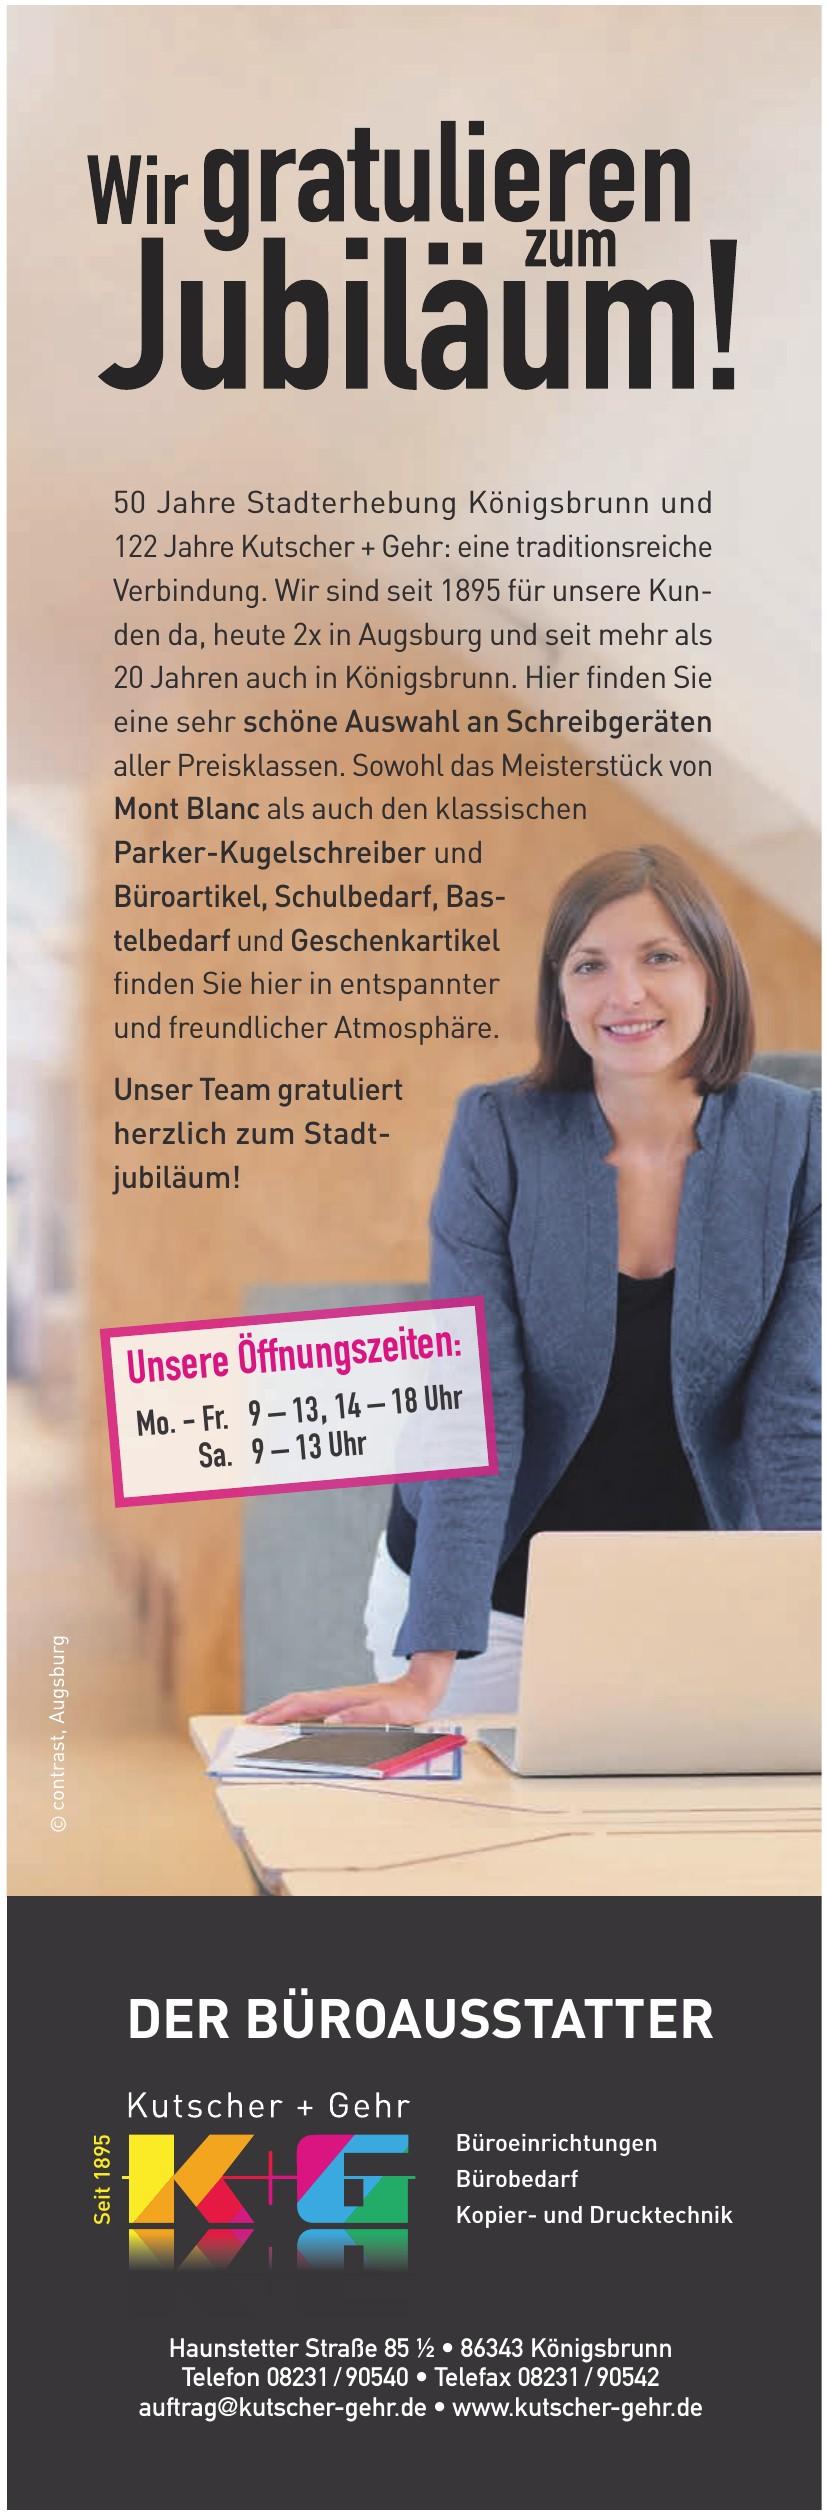 Kutscher + Gehr